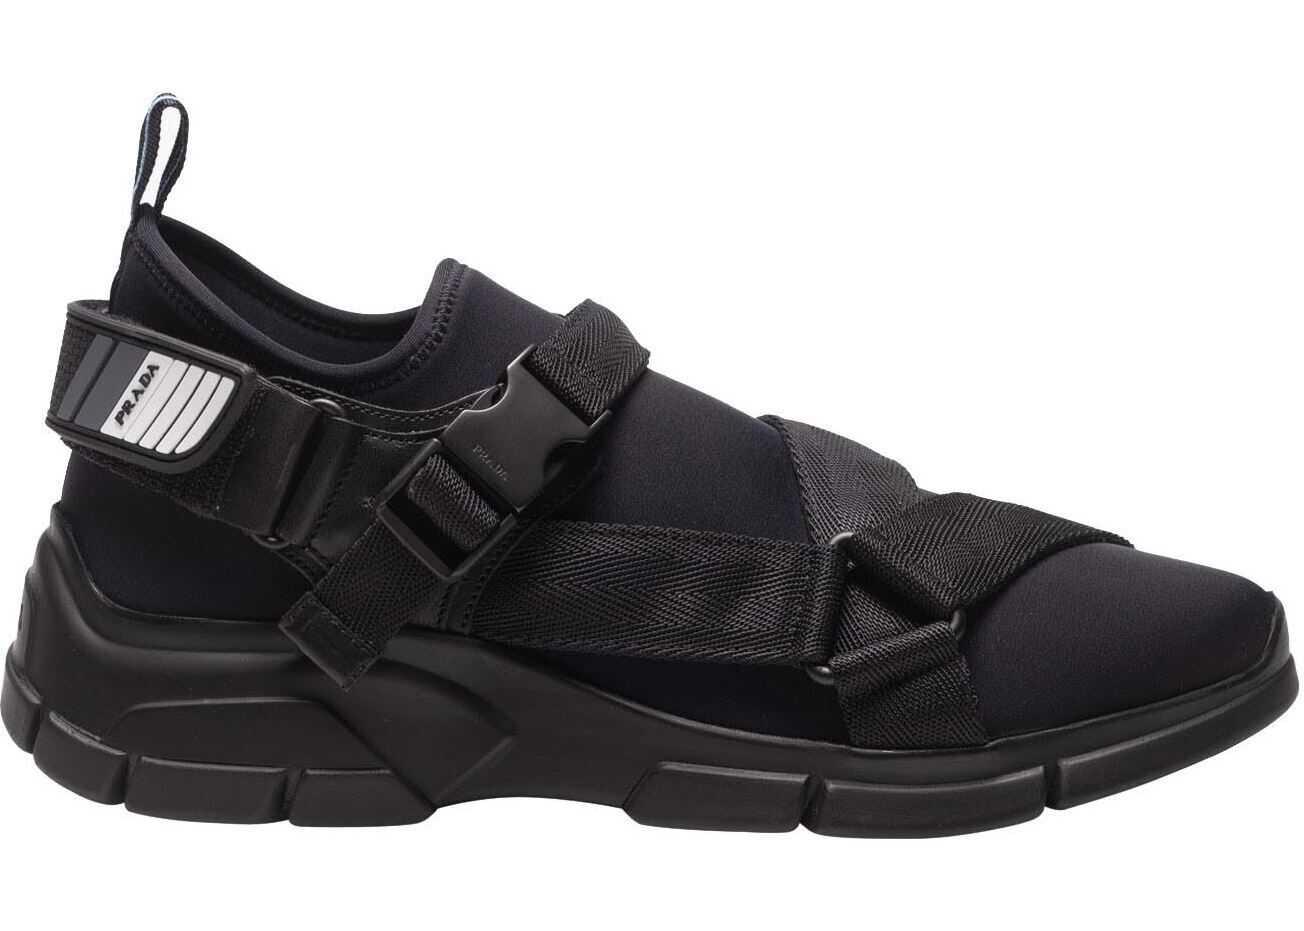 Prada Sport Black Neoprene Sneakers With Logo Black